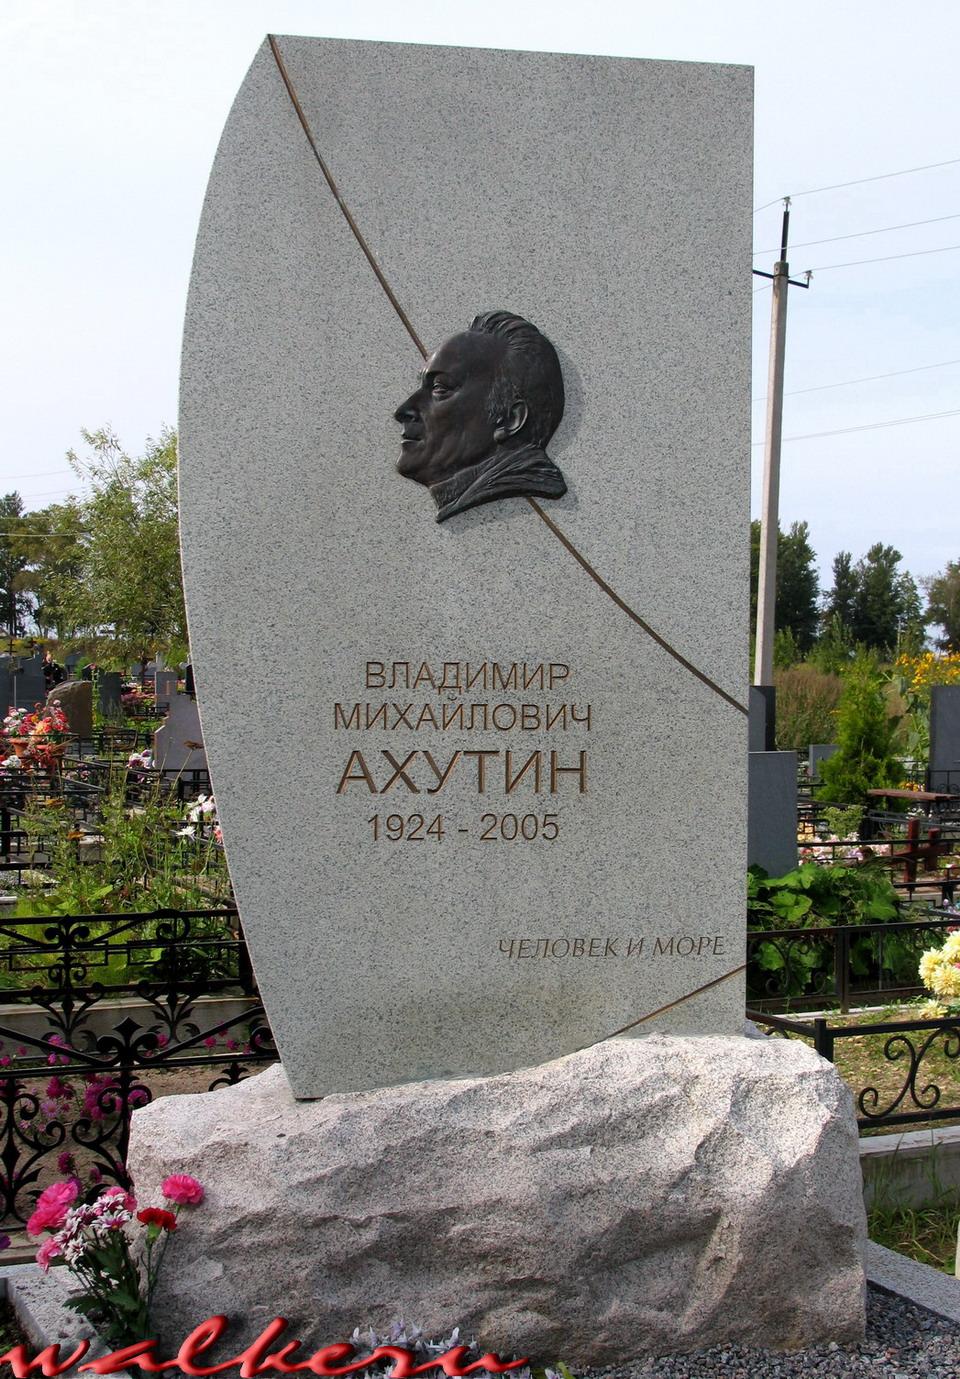 Могила Ахутин В.М. на Кузьминском кладбище